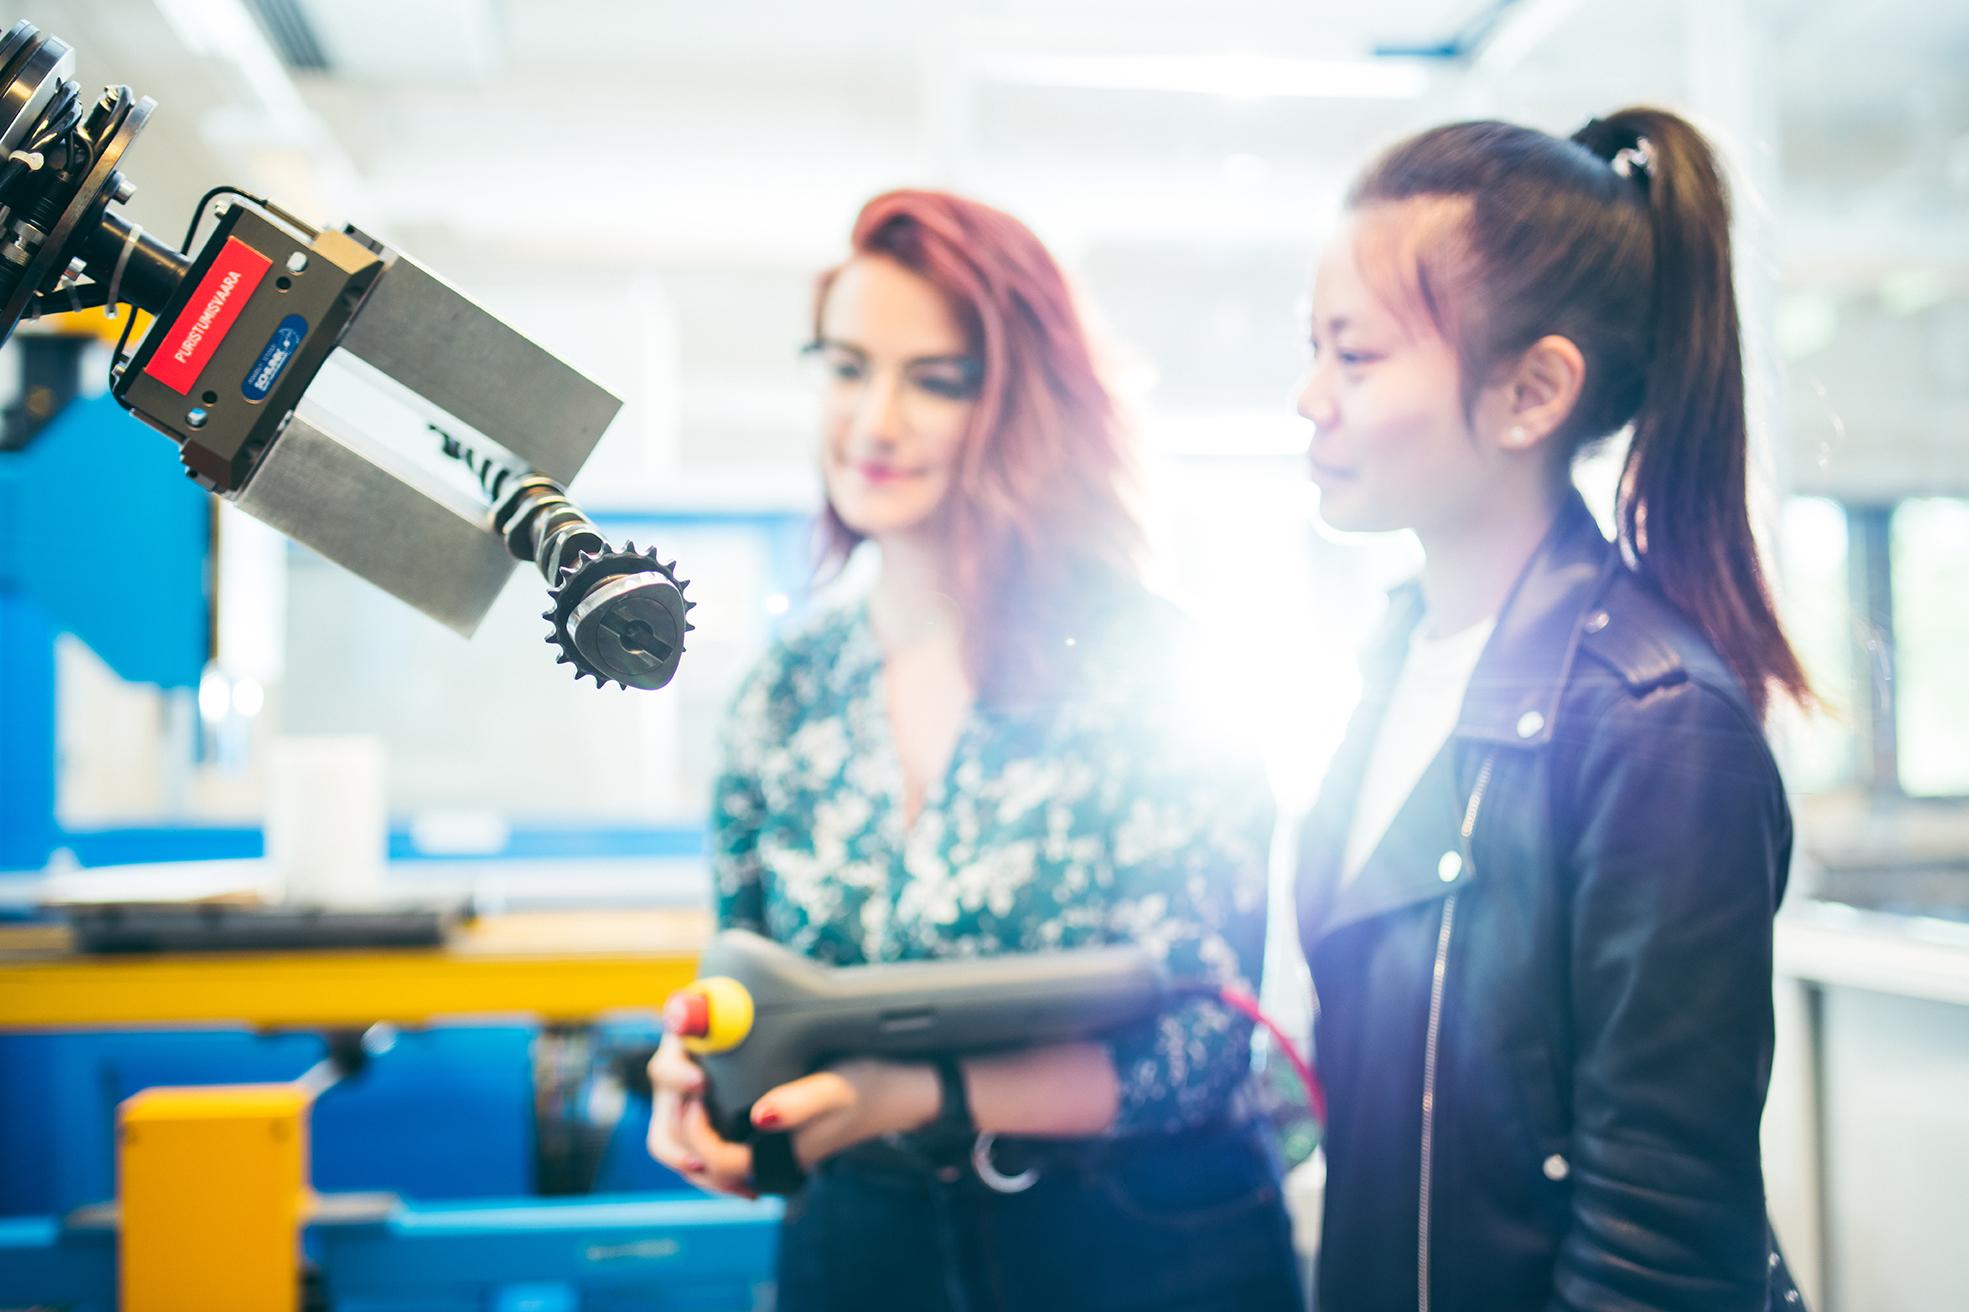 Opiskelijoita tutustumassa tekniikan labraan